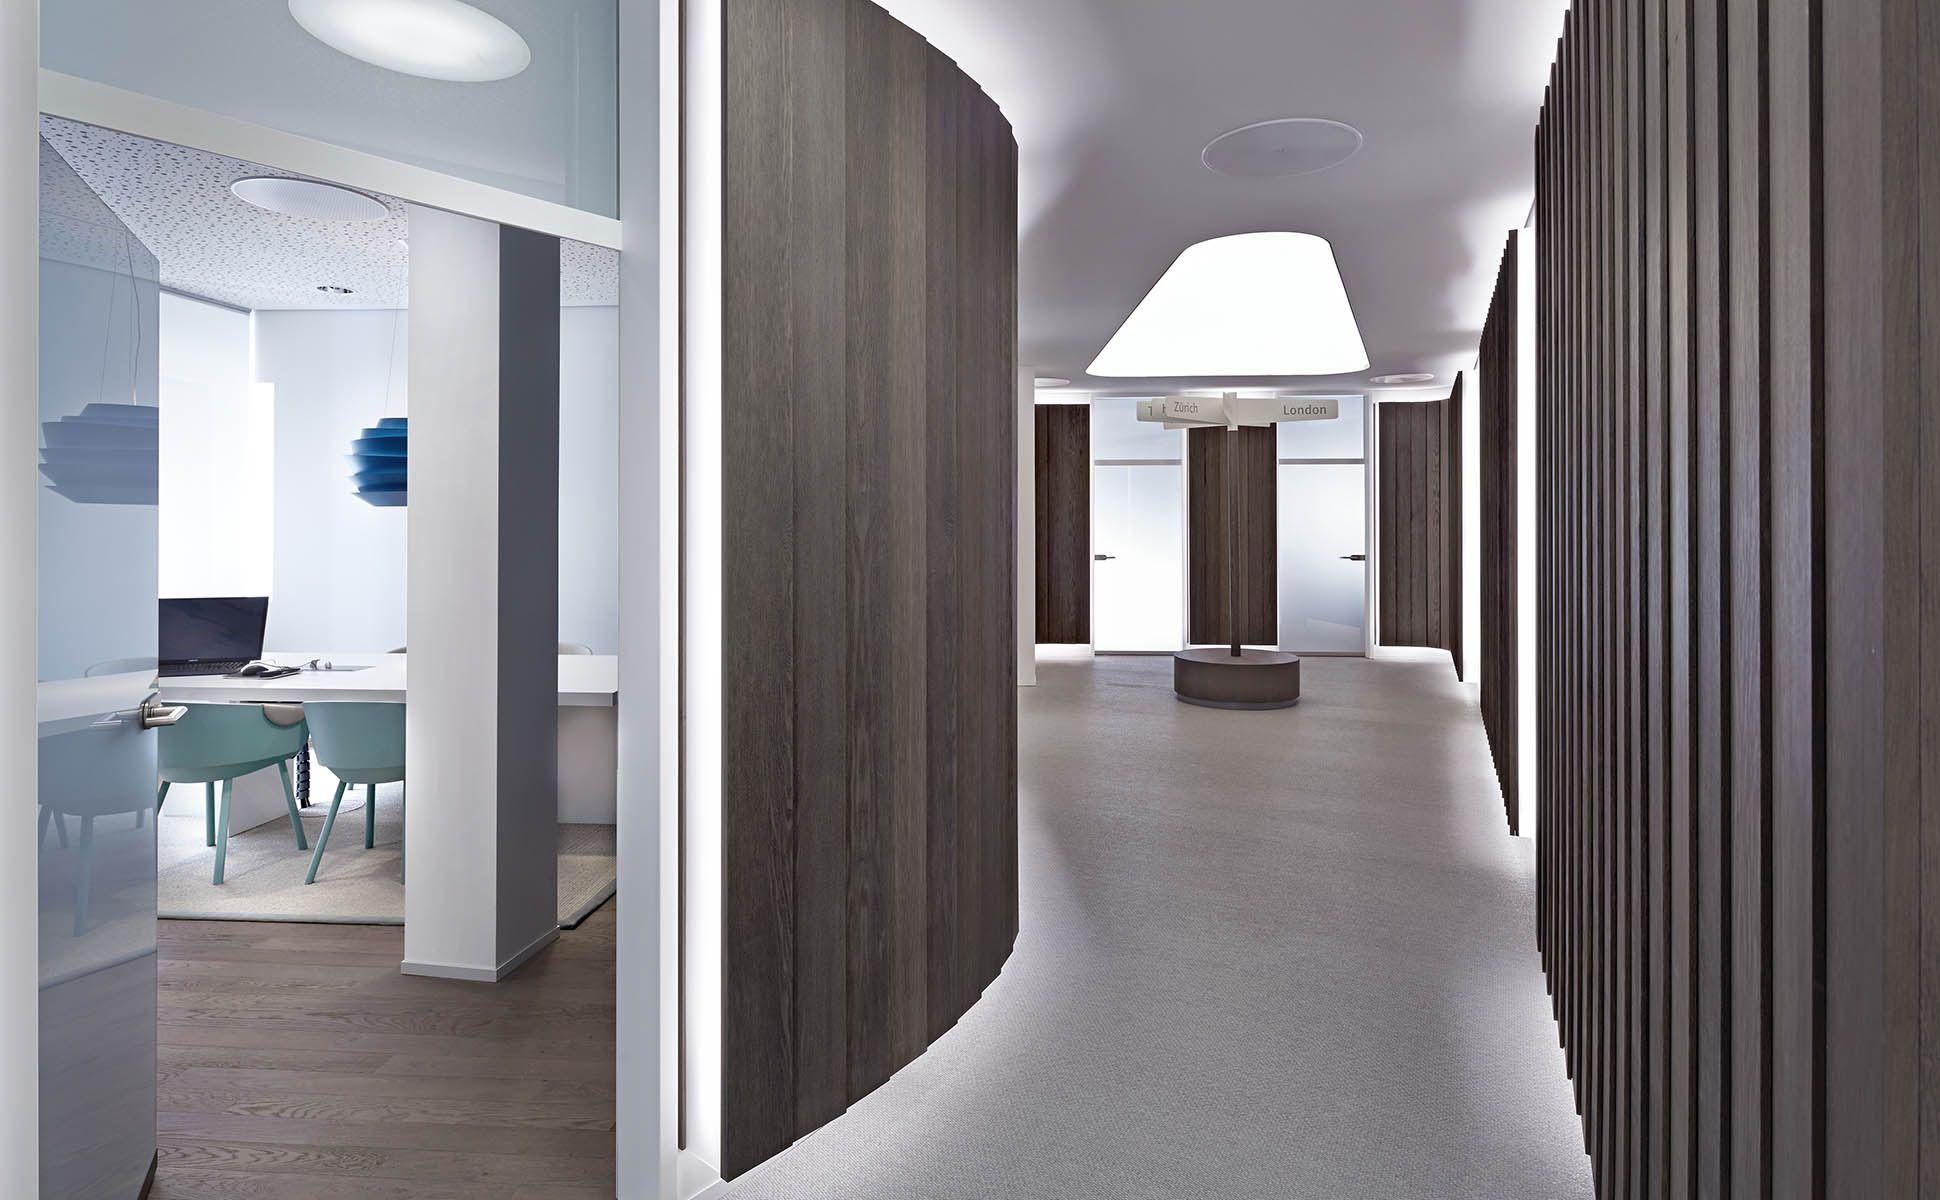 bkp arbeitswelten identity gesch ftsstellenkonzept der zukunft beratungsraum b ro. Black Bedroom Furniture Sets. Home Design Ideas